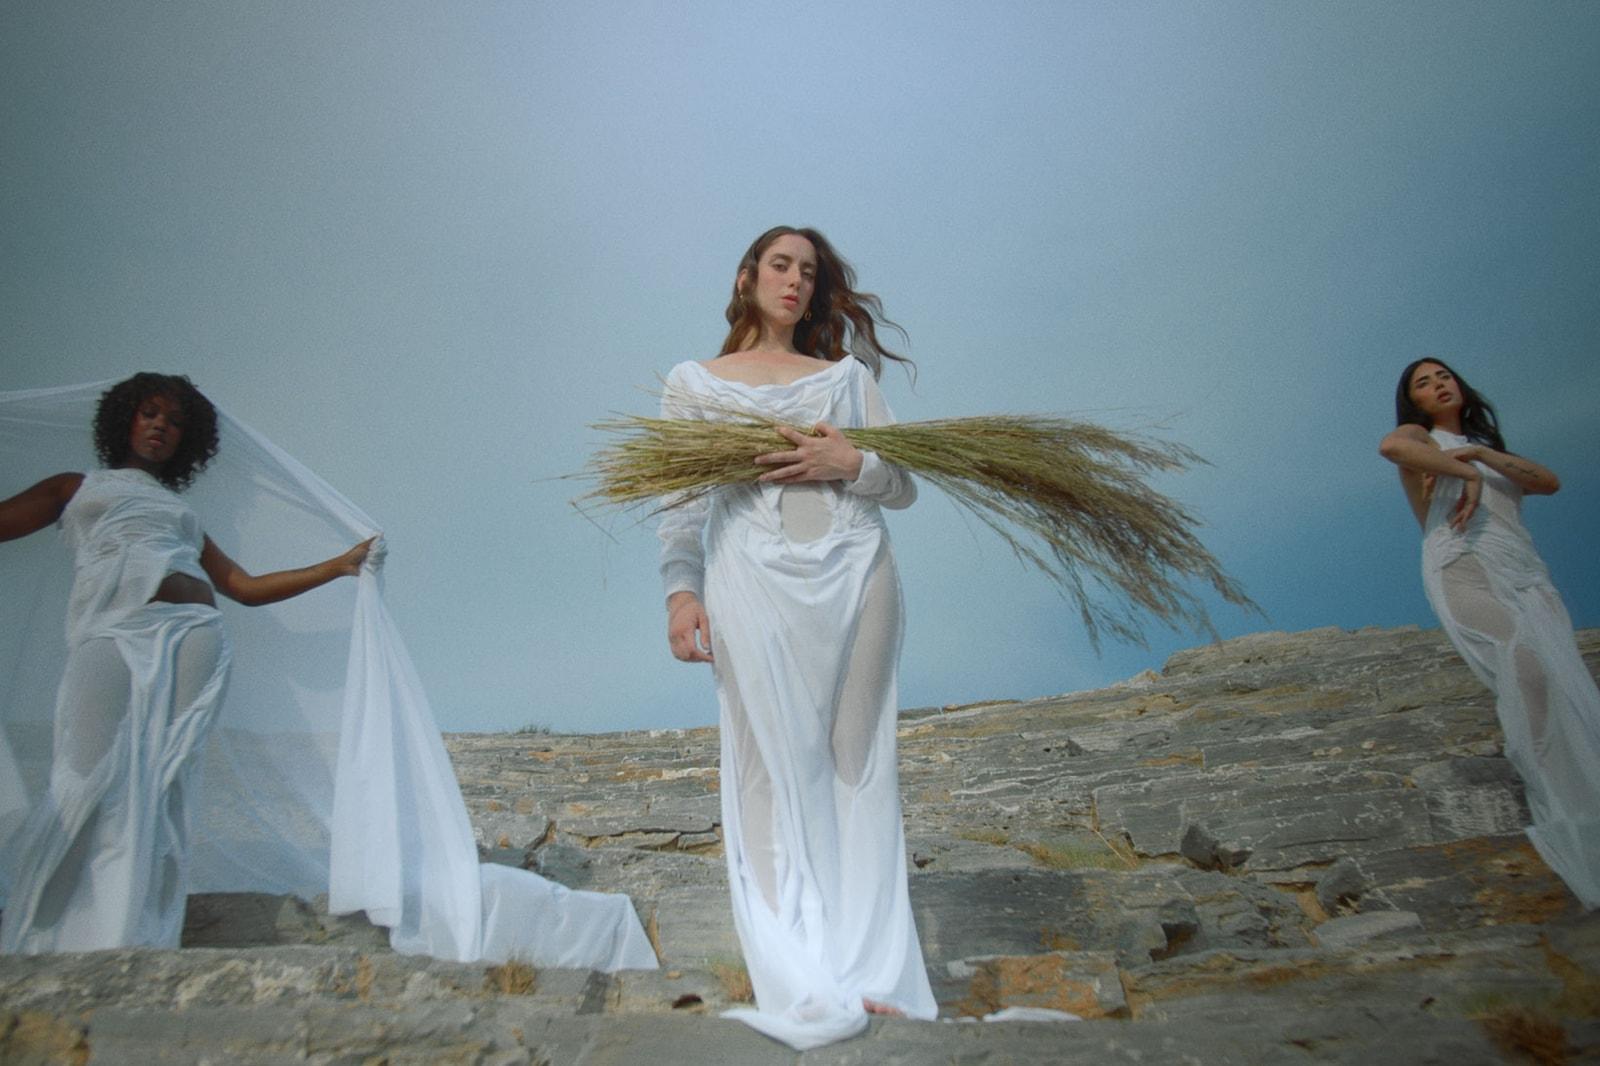 best fashion forward unique bridal wear designers wedding dresses gowns molly goddard cecilie bahnsen wed